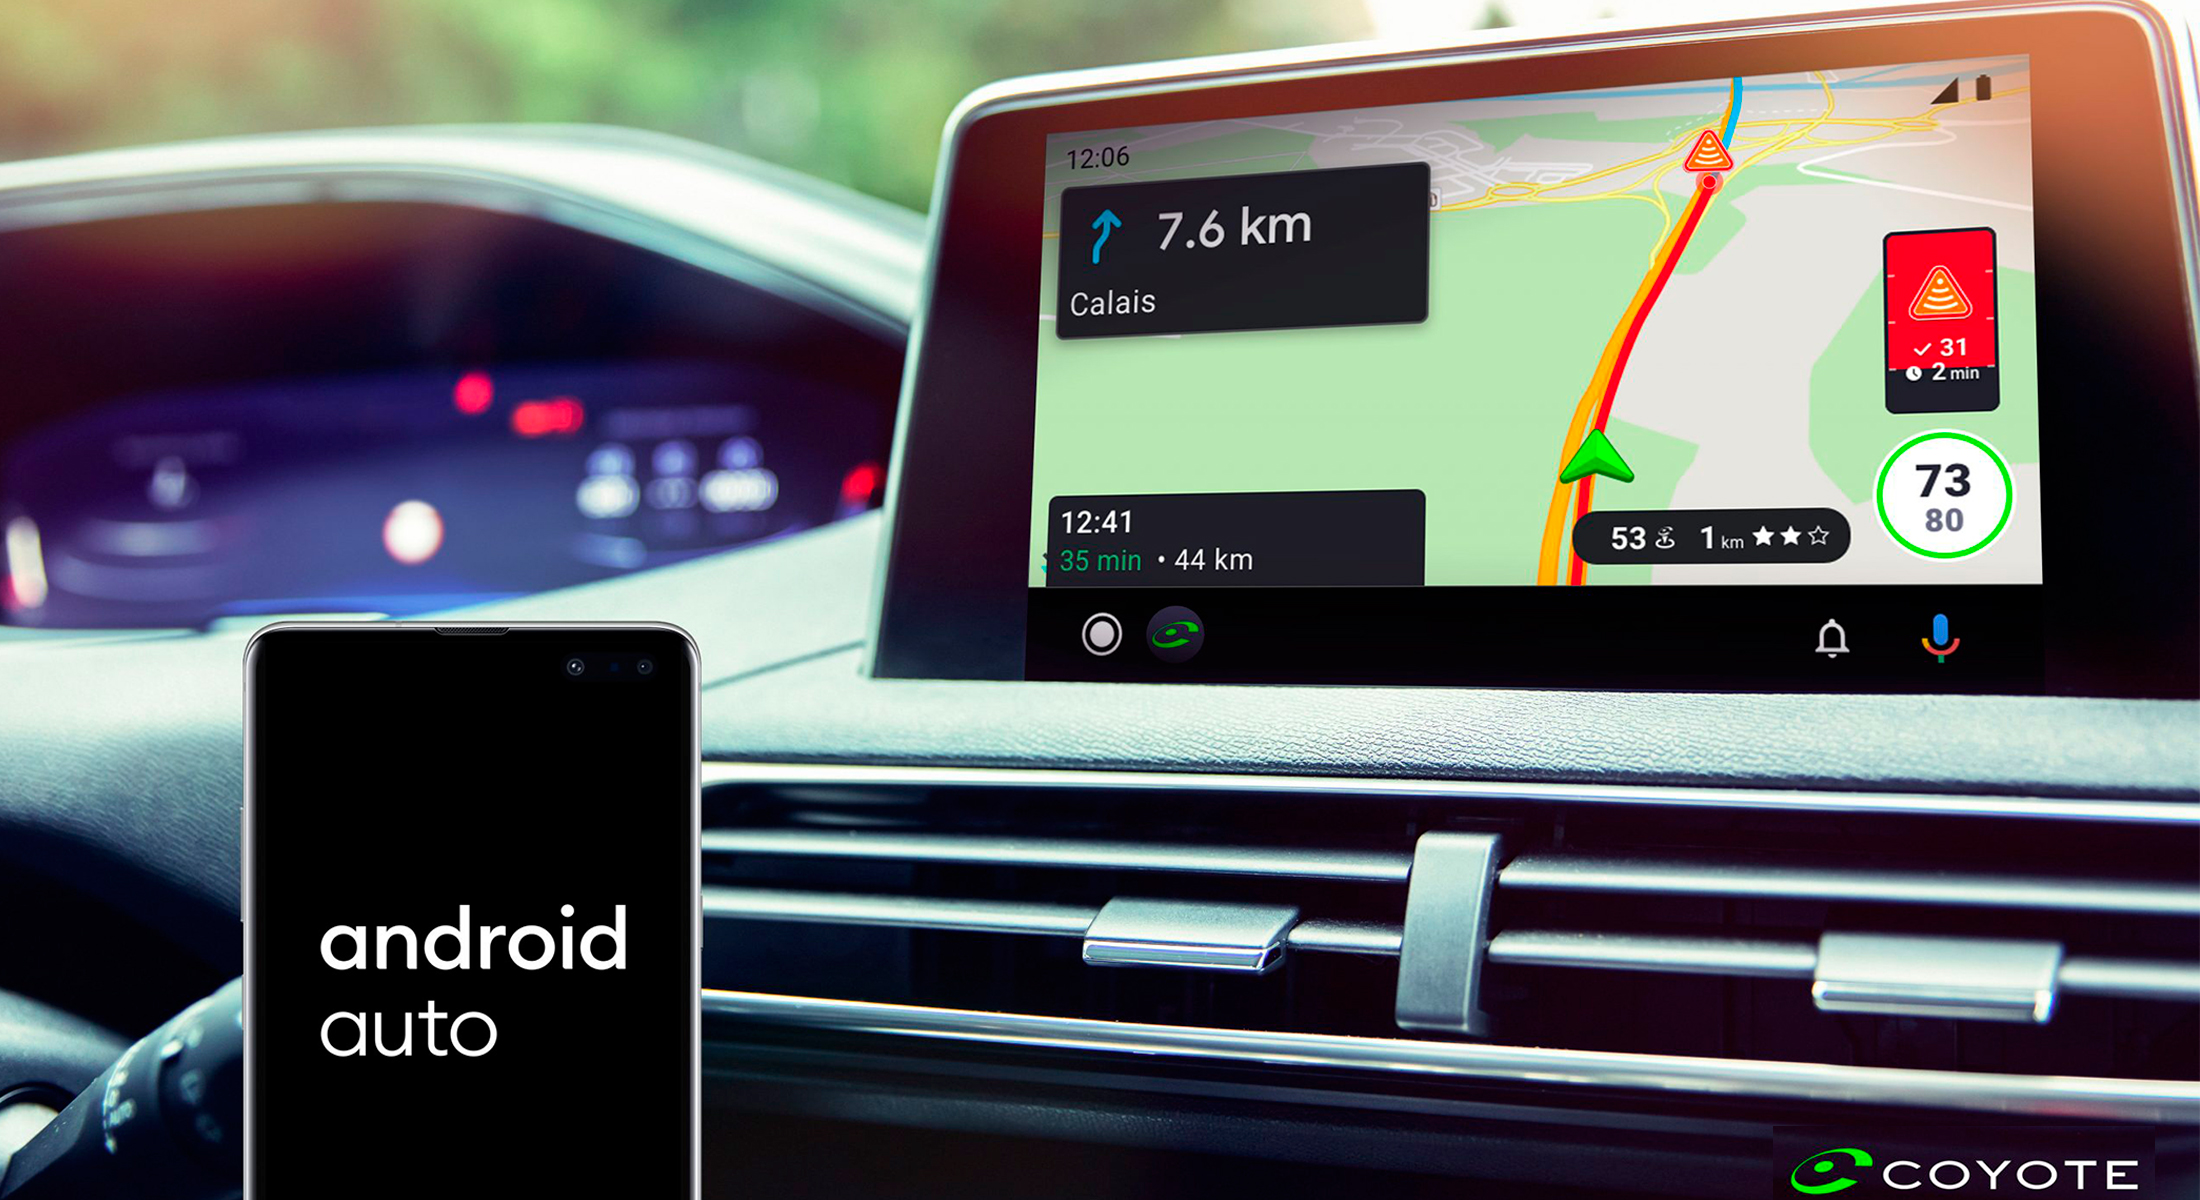 On a testé Coyote sur Android Auto : faut-il y adhérer avant de prendre la route ?